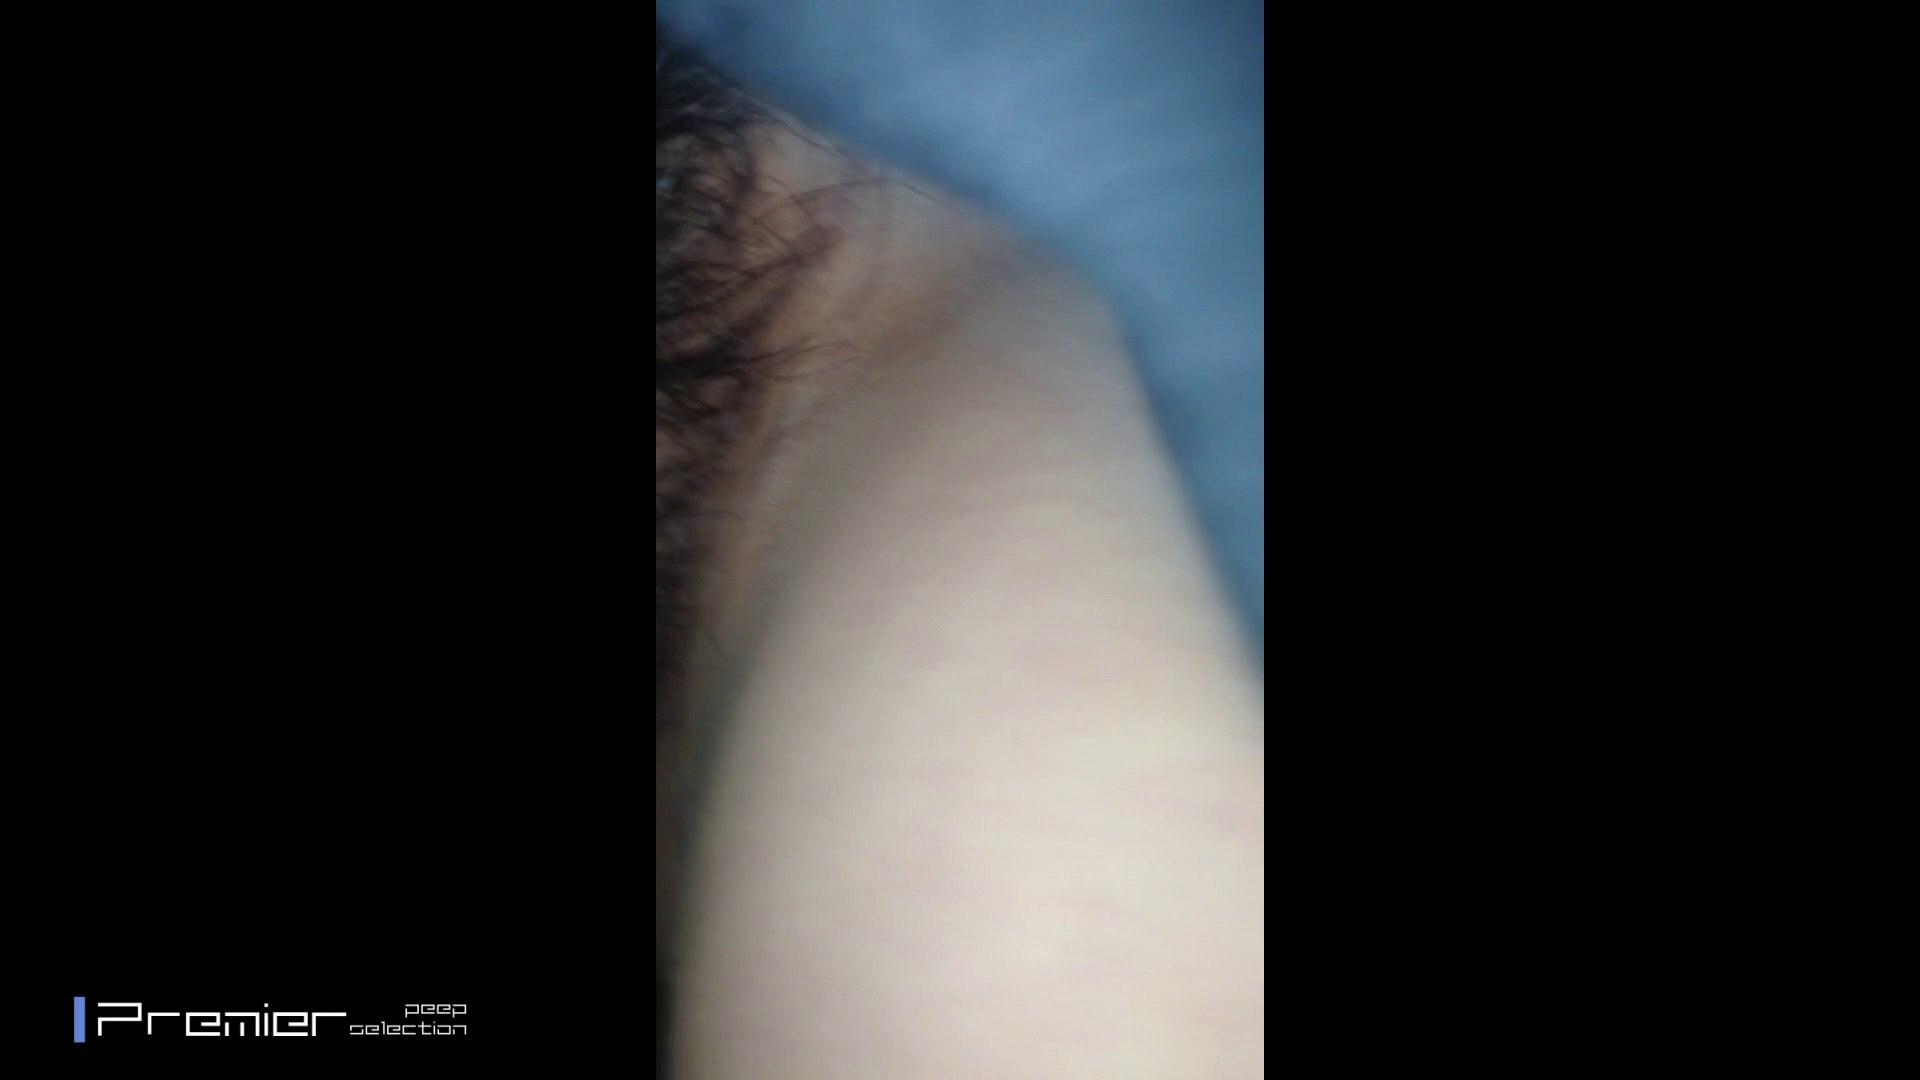 【ガチ交渉】19 歳美女 アリサの車内で生脱ぎ 美女達の私生活に潜入! 美肌  79PIX 70